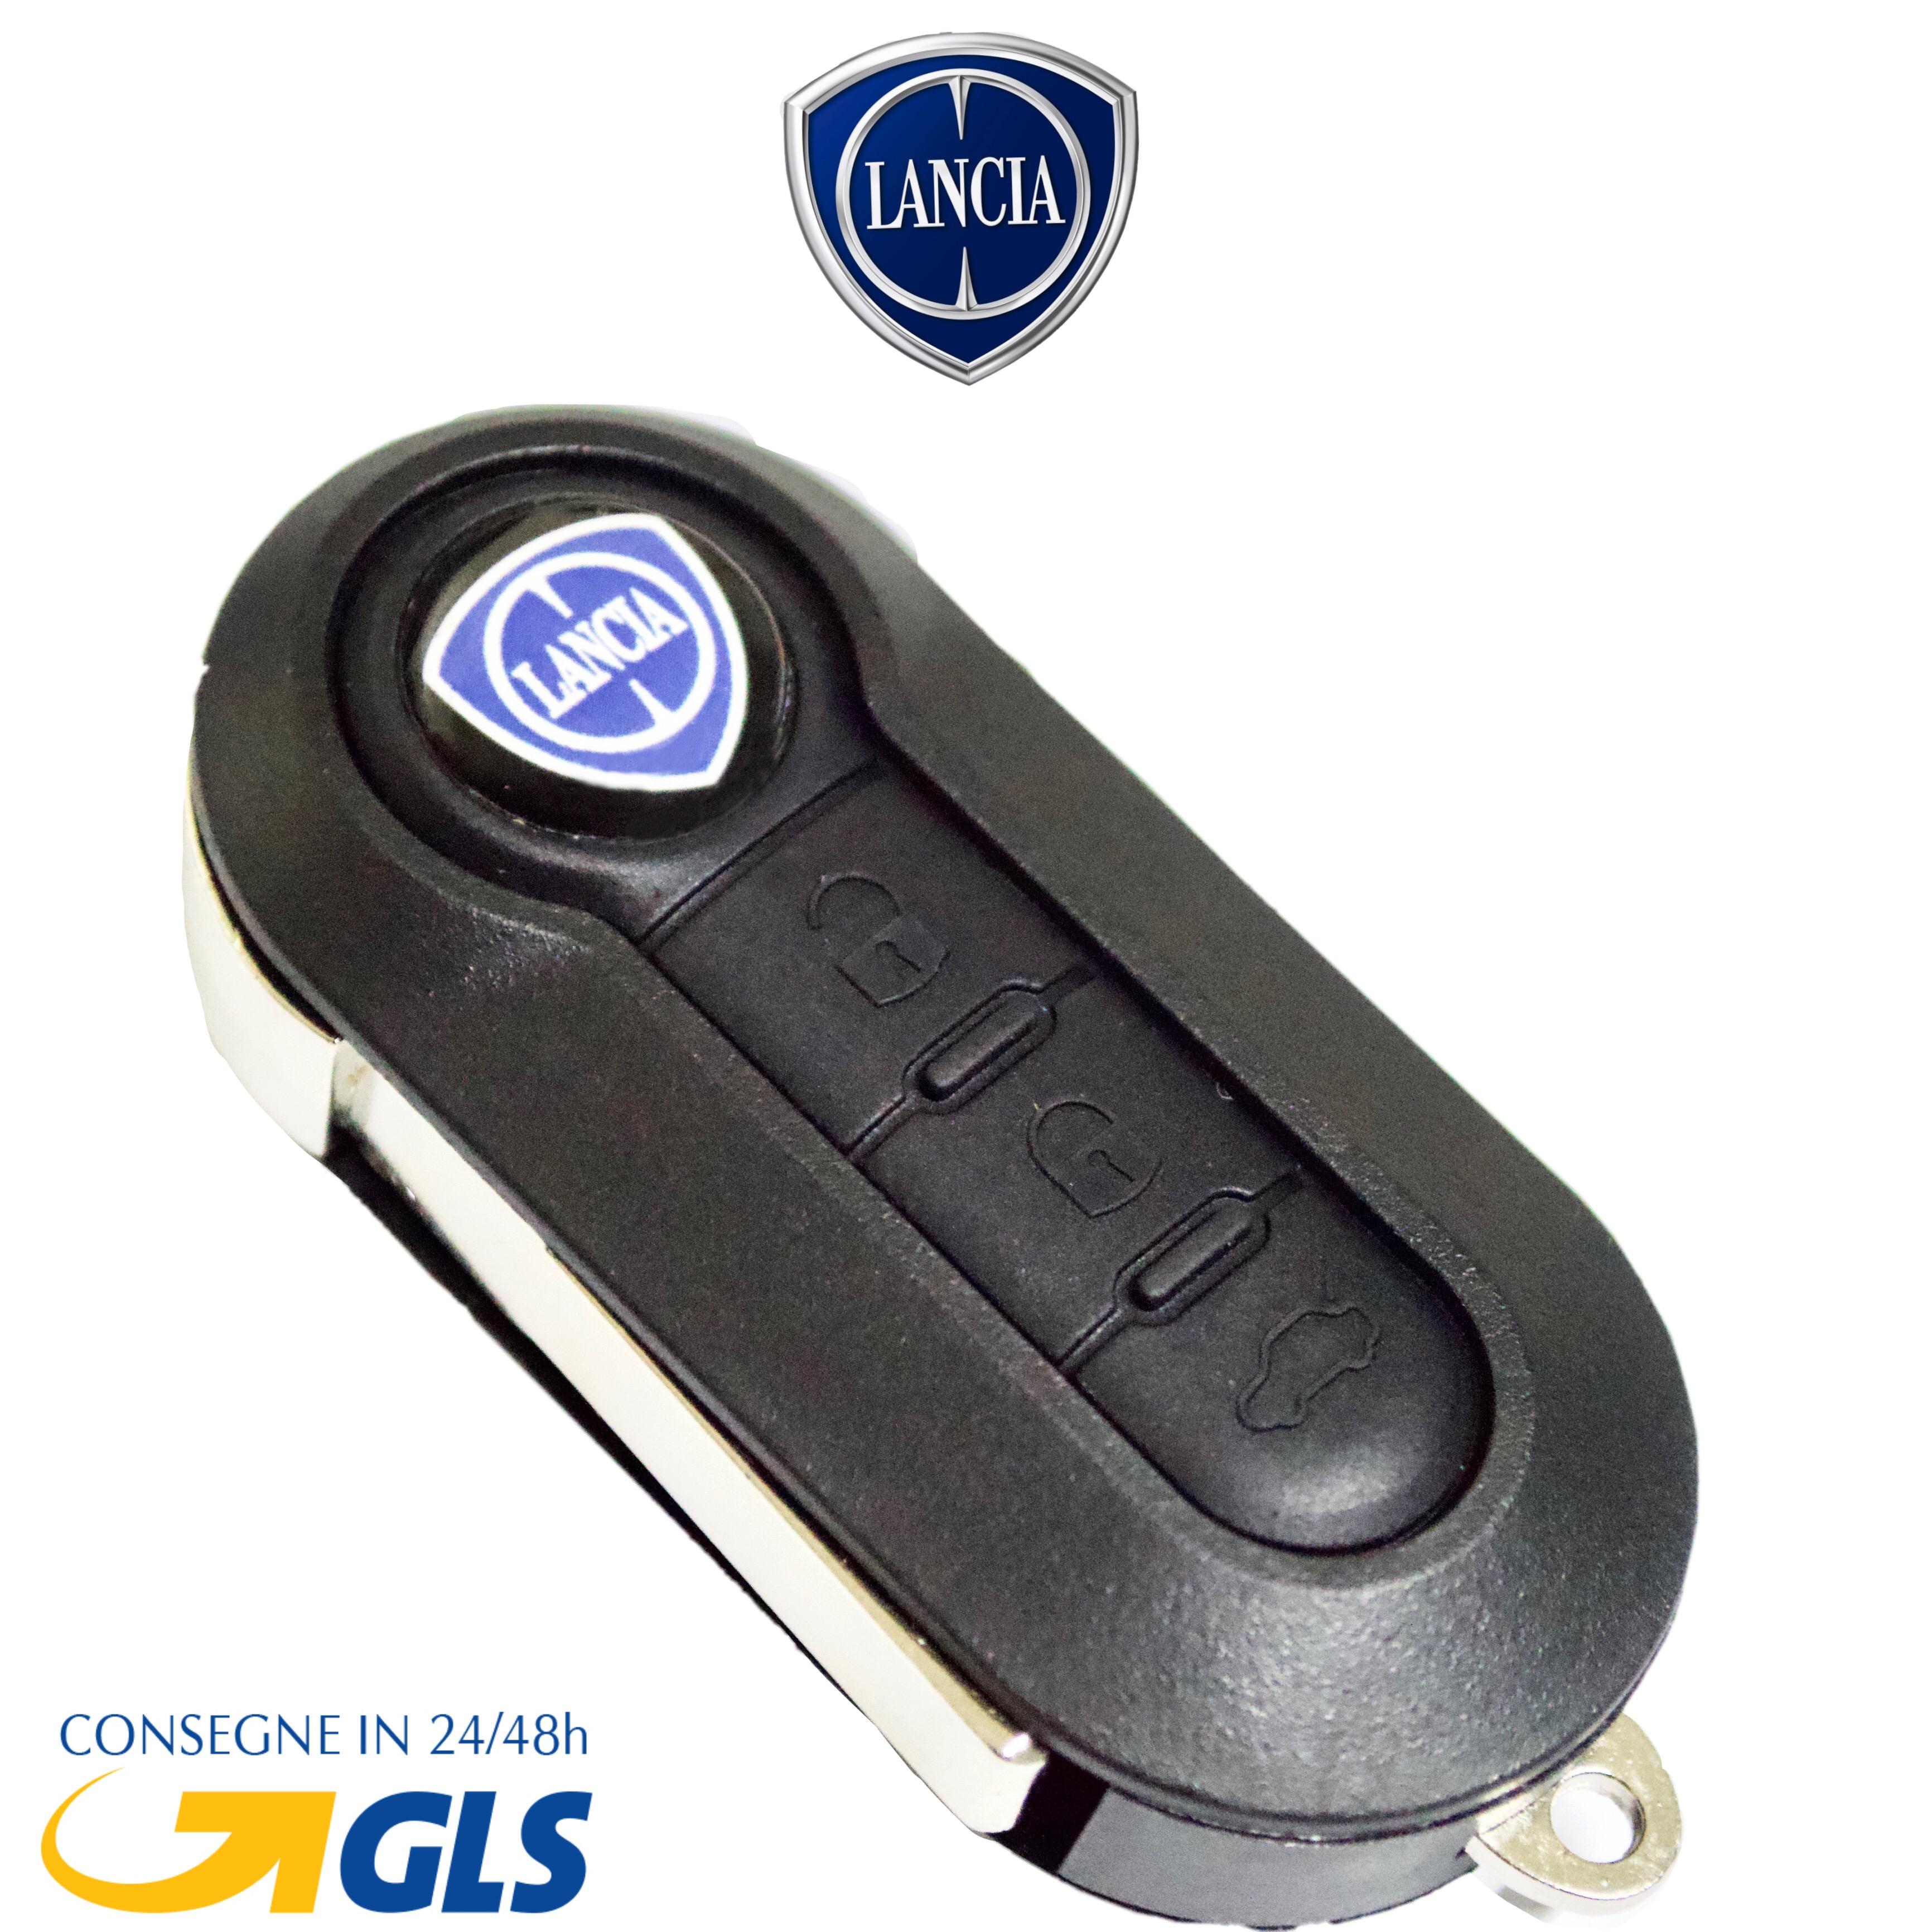 Lancia Peugeot Citroen Guscio Portachiavi Accessori Ricambi Cover Copri Chiave Telecomando Auto 3 Tasti Compatibile Con Fiat